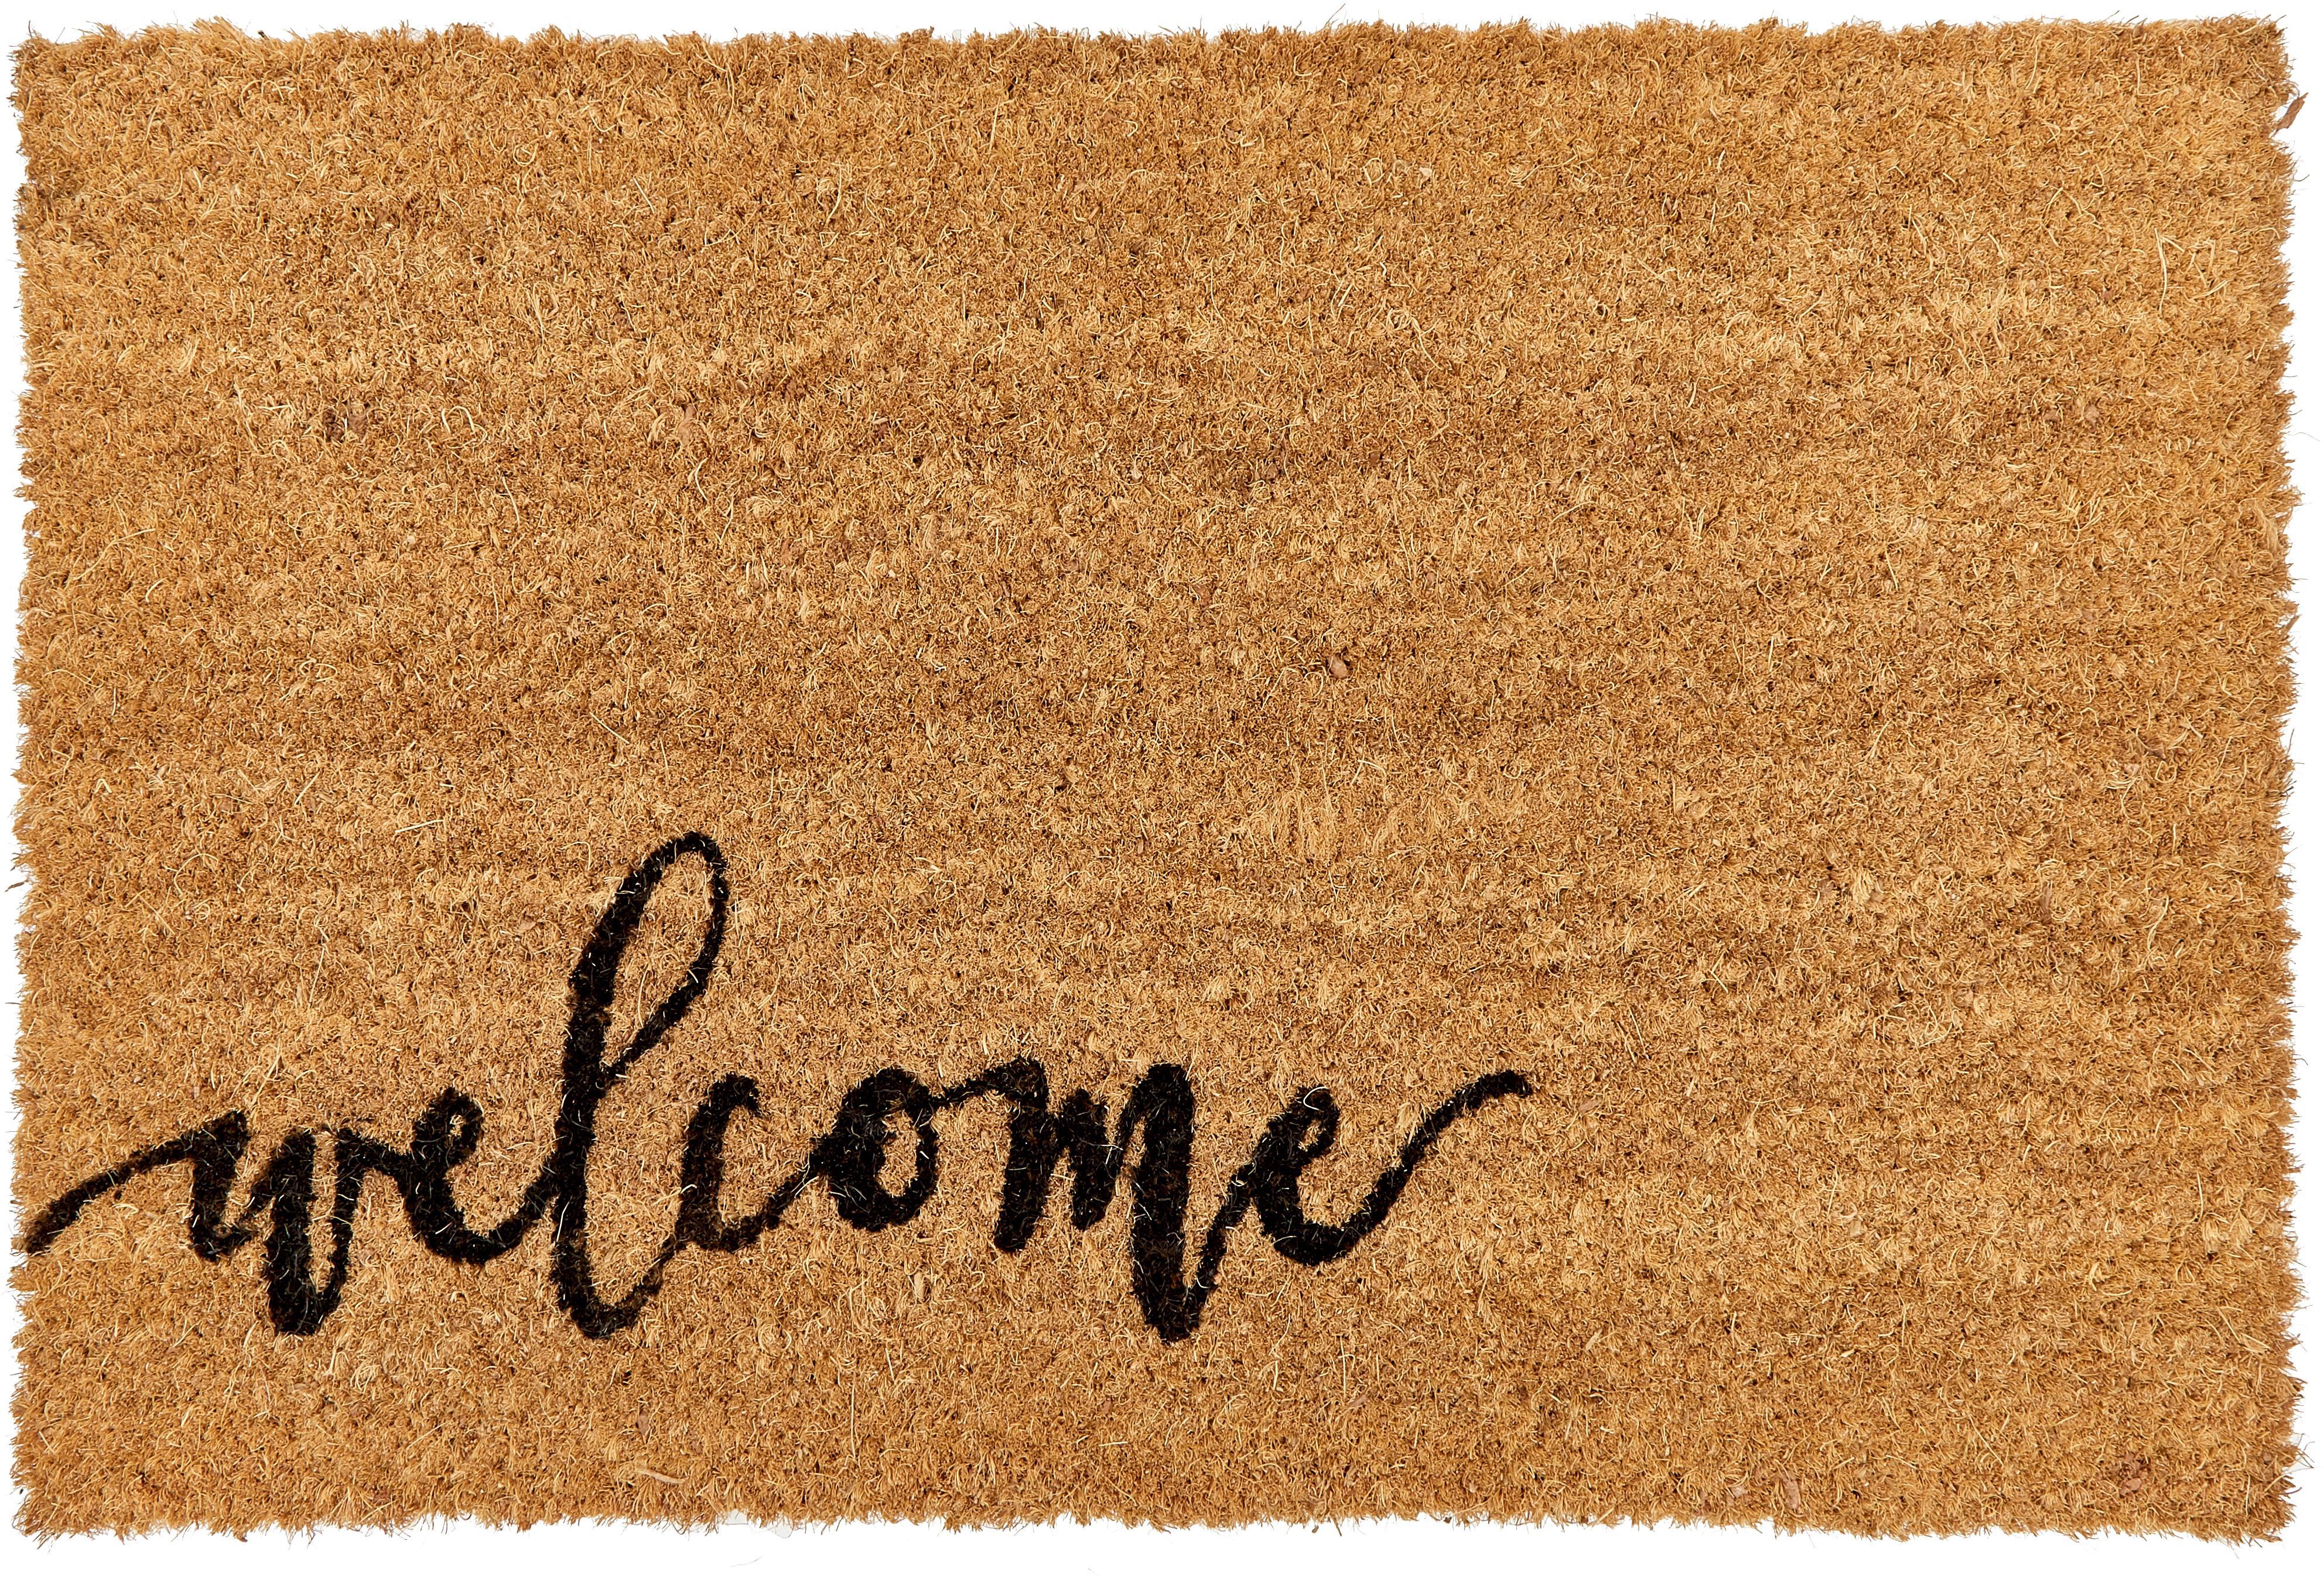 Deurmat Welcome, Bovenzijde: kokosvezels, Onderzijde: kunststof (PVC), Bovenzijde: beige, zwart. Onderzijde: zwart, 40 x 60 cm